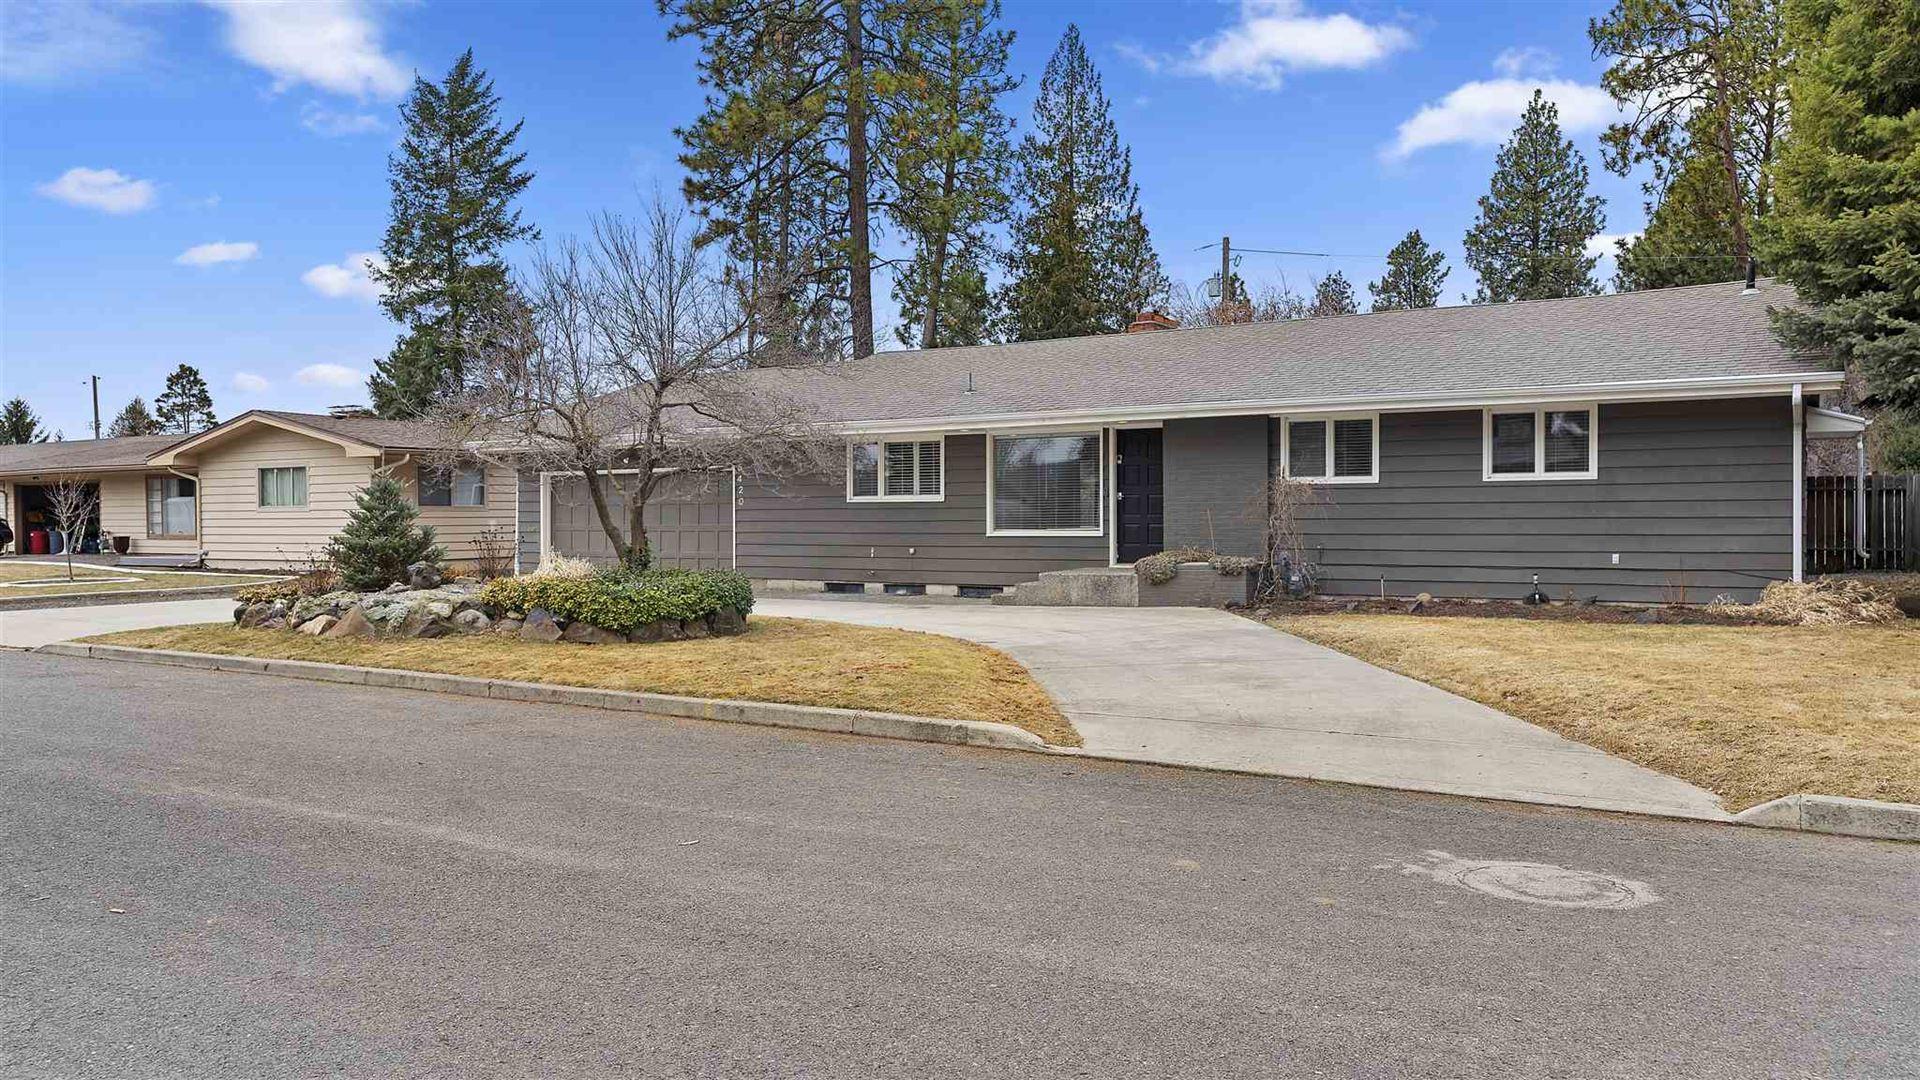 5420 S ARTHUR St, Spokane, WA 99223 - #: 202112352